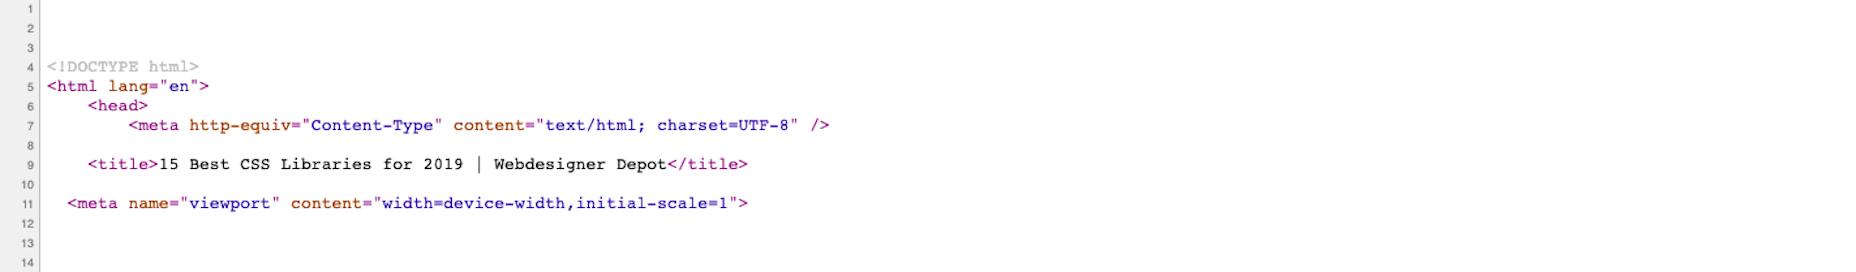 WebDesigner Depot - HTML Meta Tags